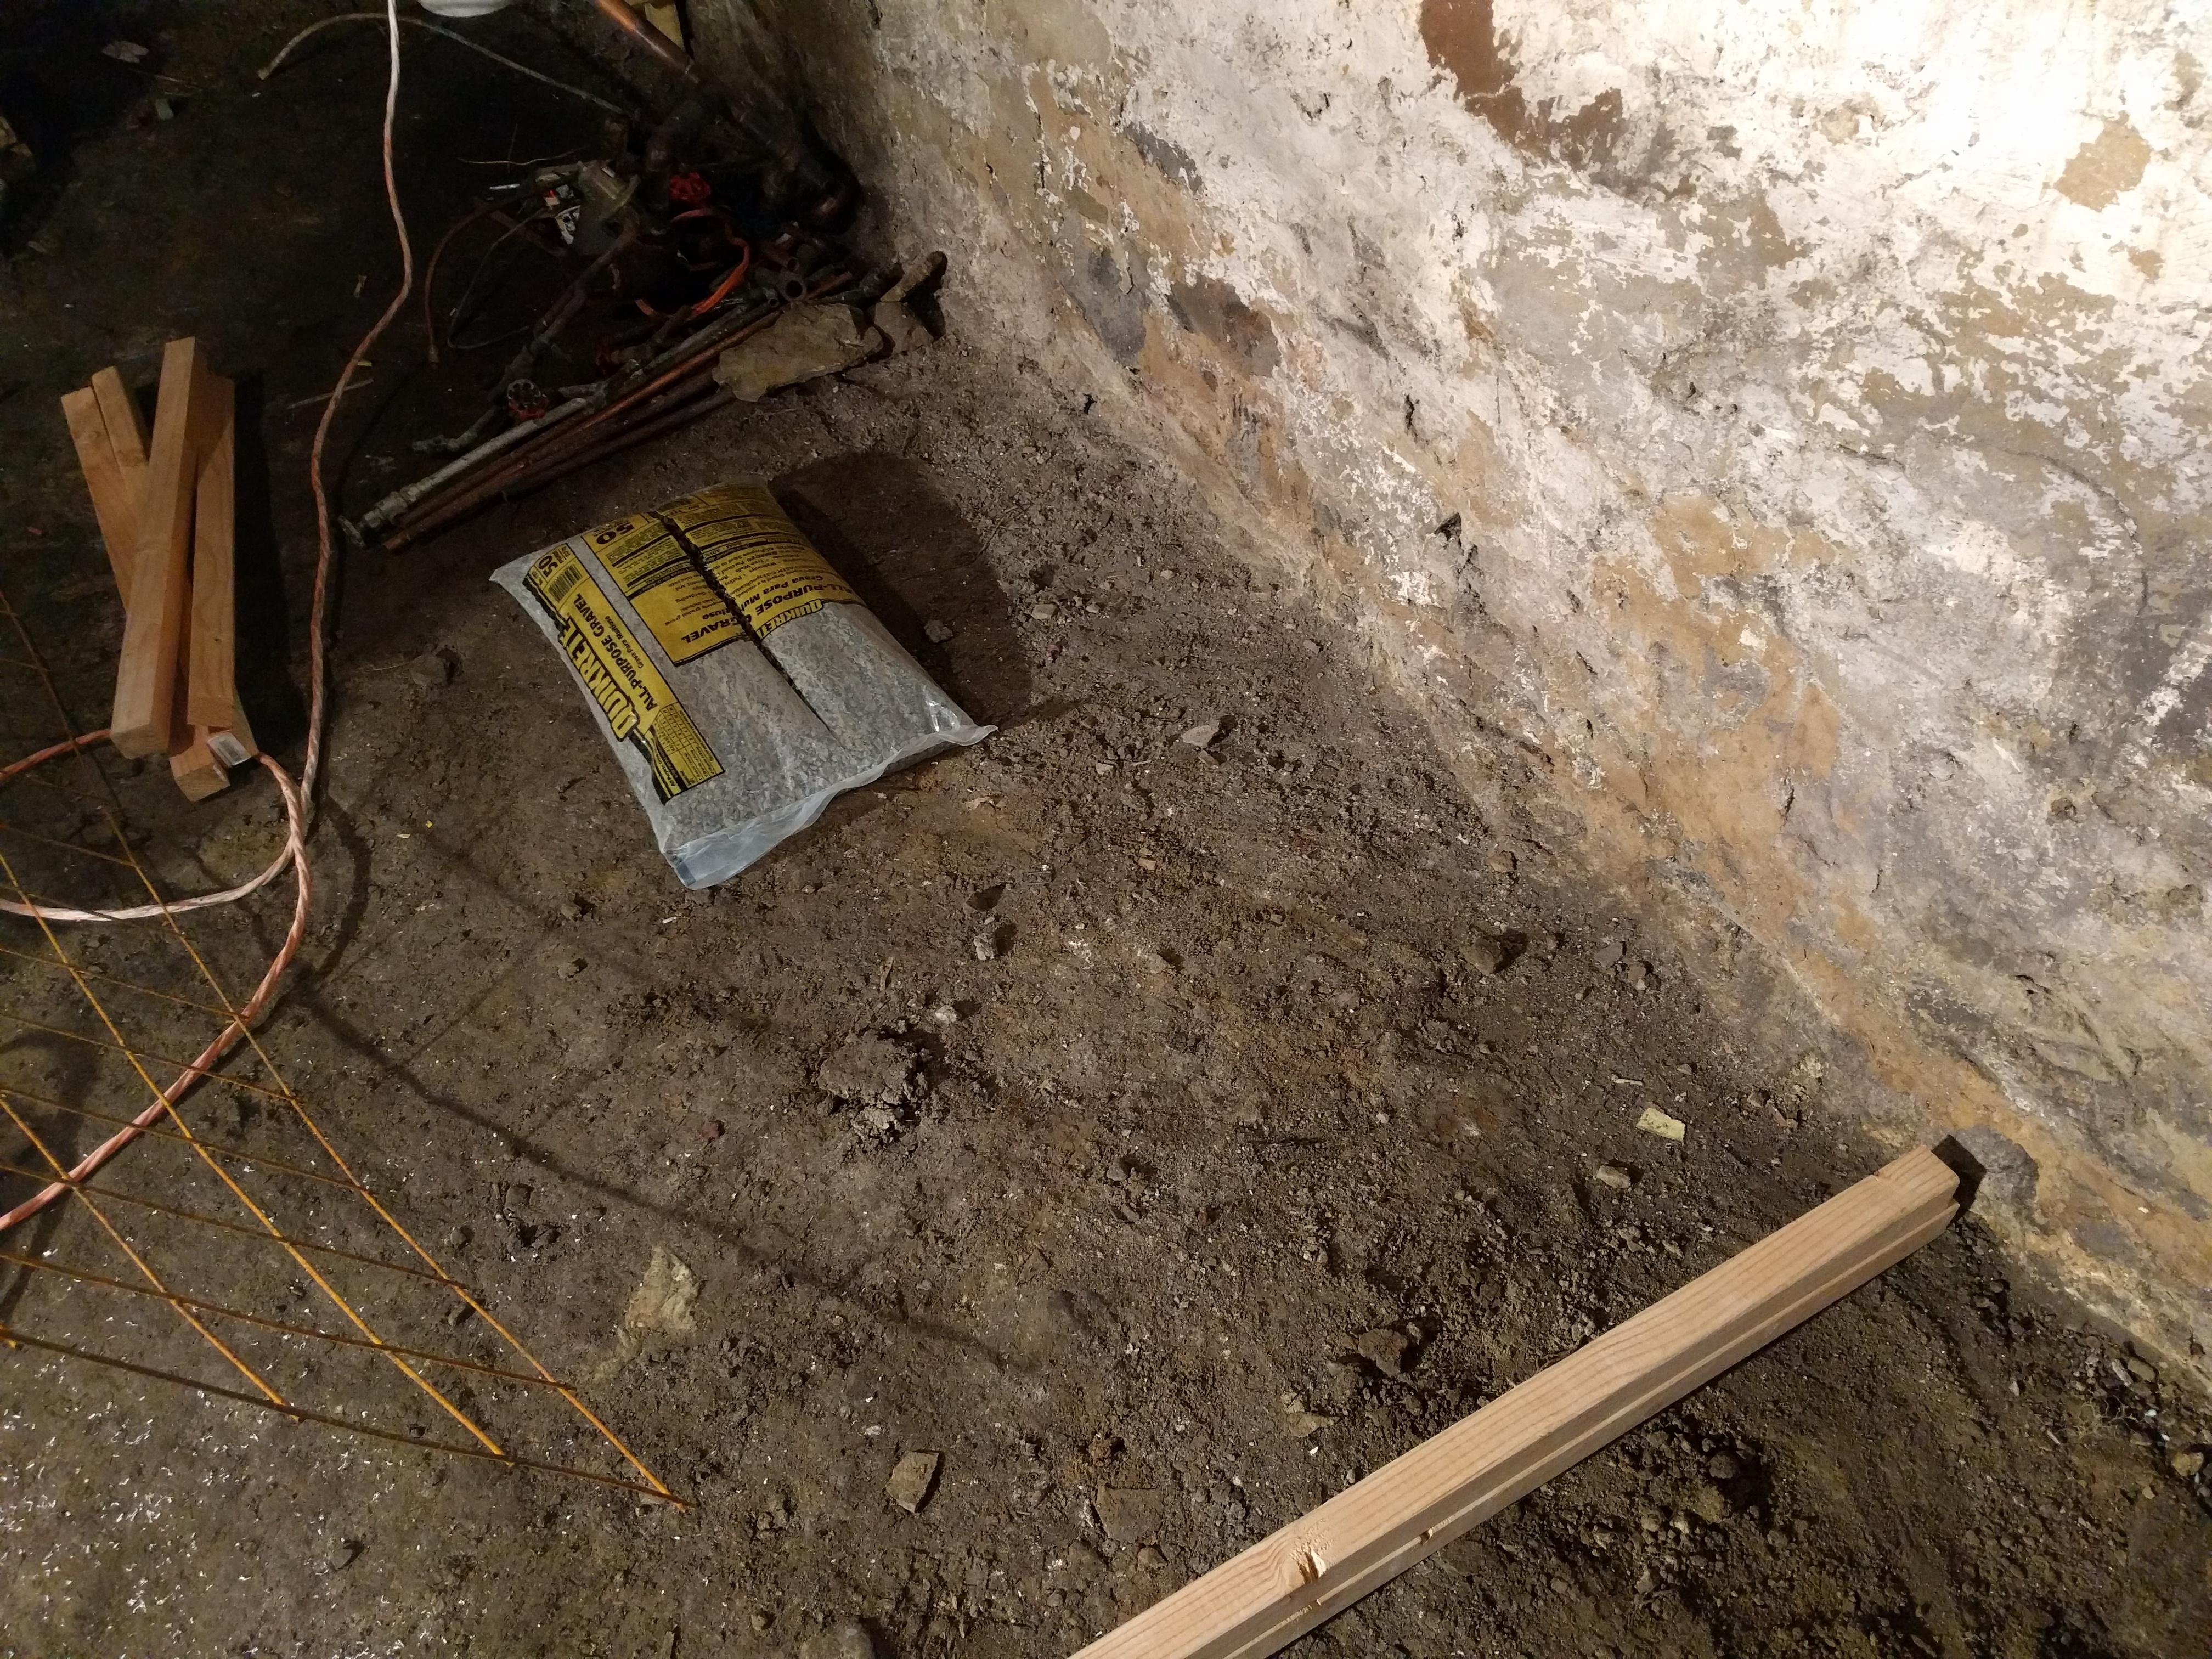 Pour Concrete Over Dirt Basement Floor